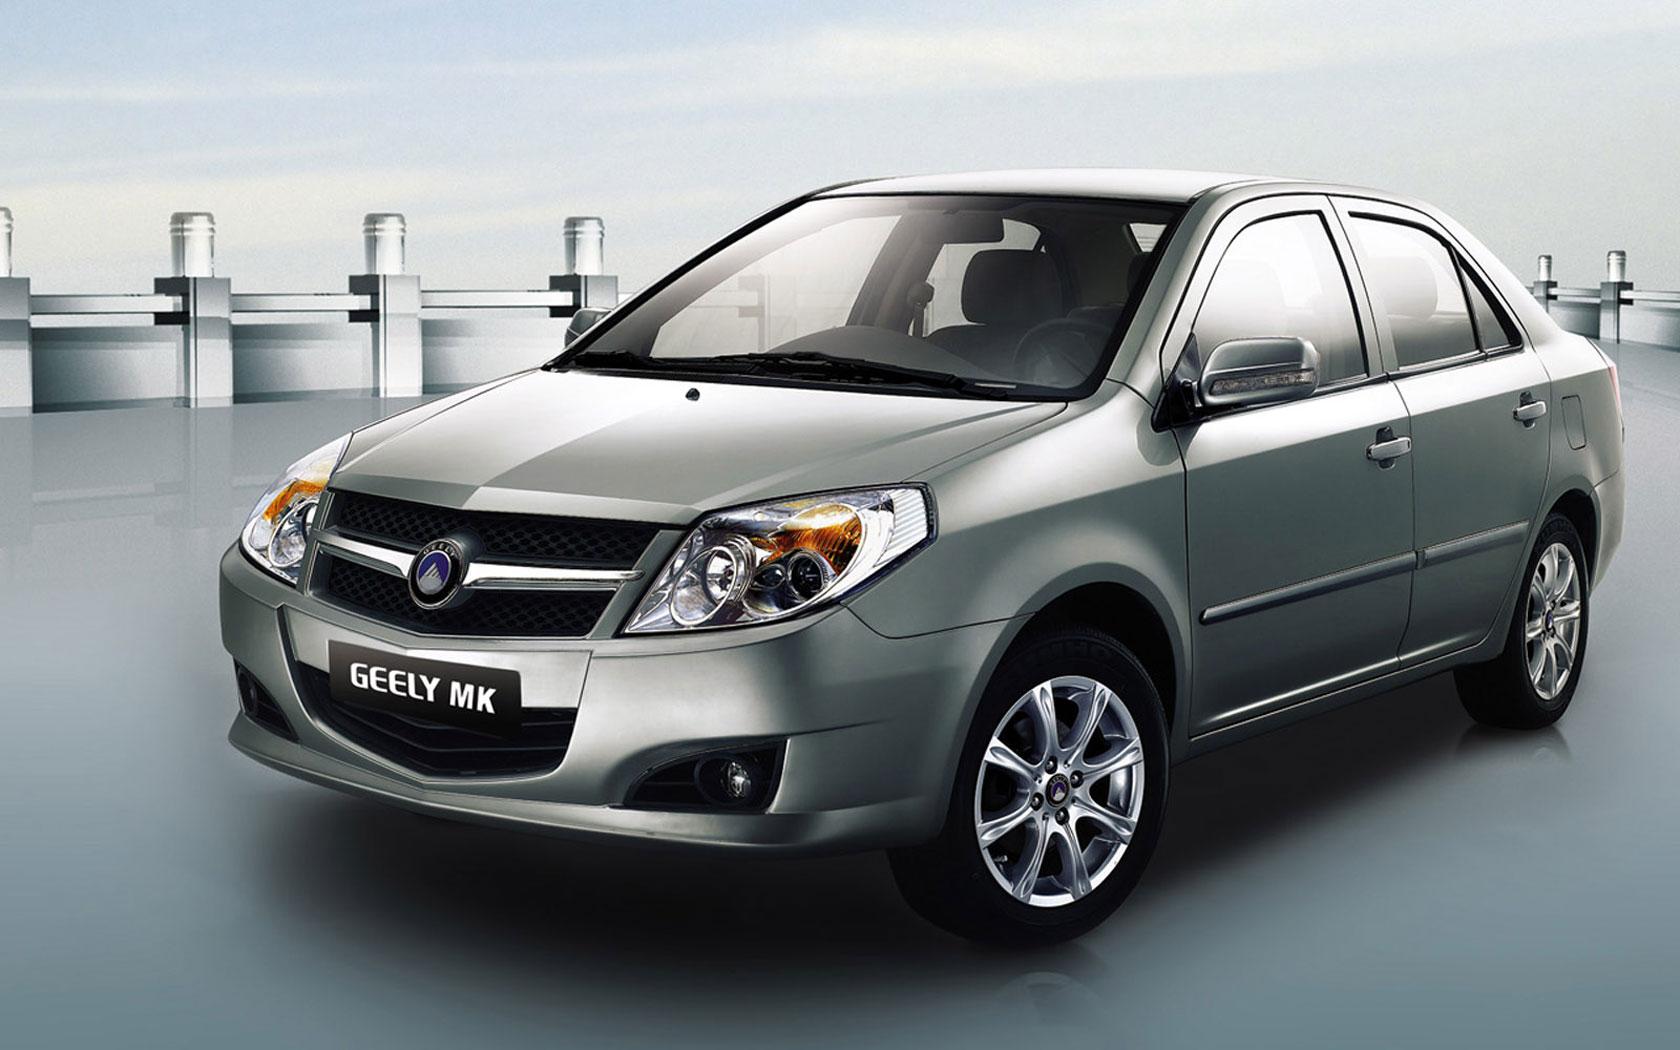 породы китайские модели машин фото цвет воспринимается